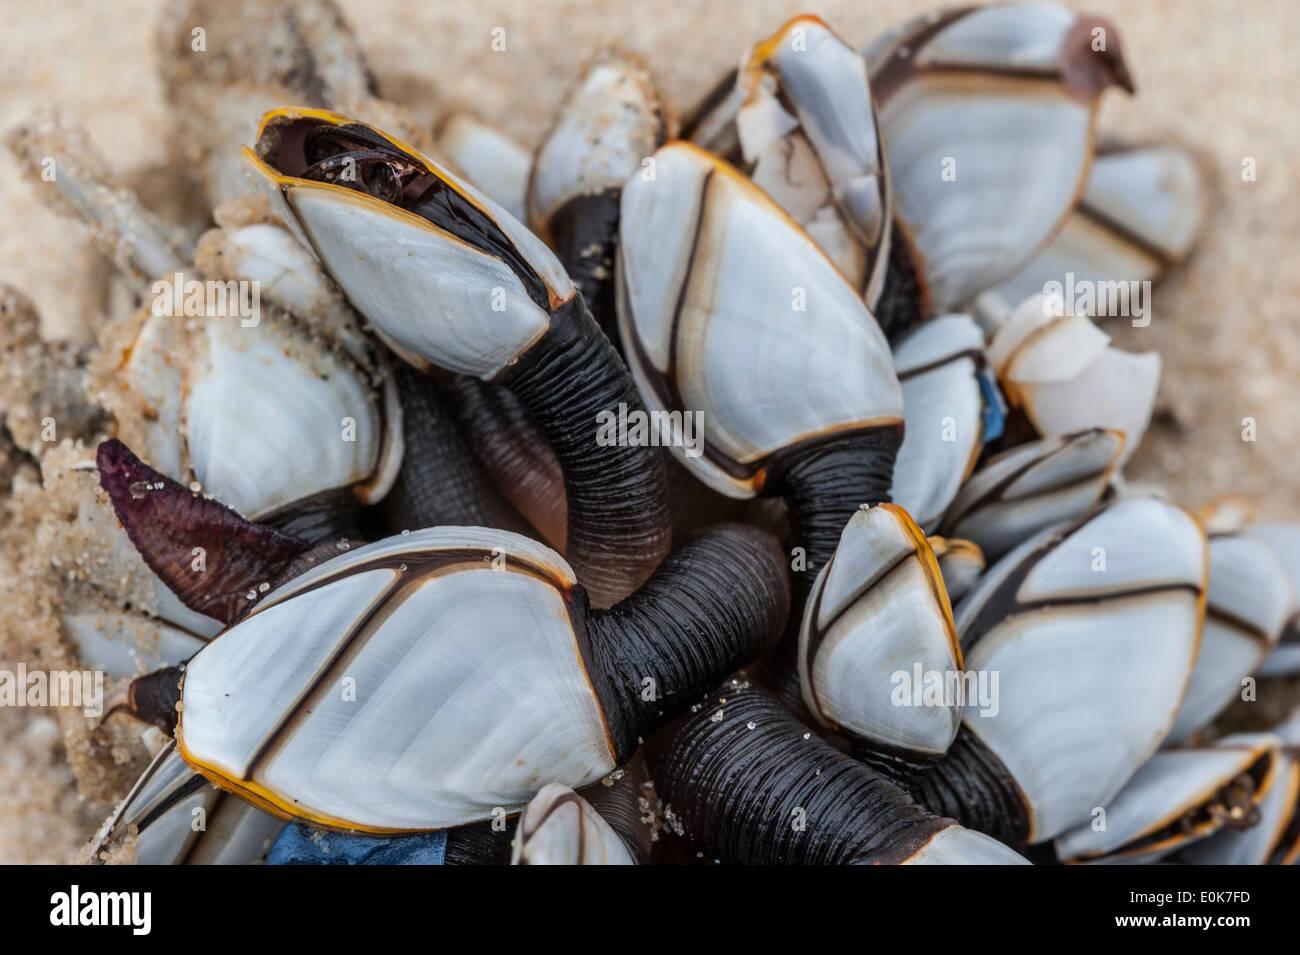 Percebes común / pelágicos suave cuello de cisne de cuello de cisne / percebe percebes (Lepas anatifera) lavados en la playa Foto de stock